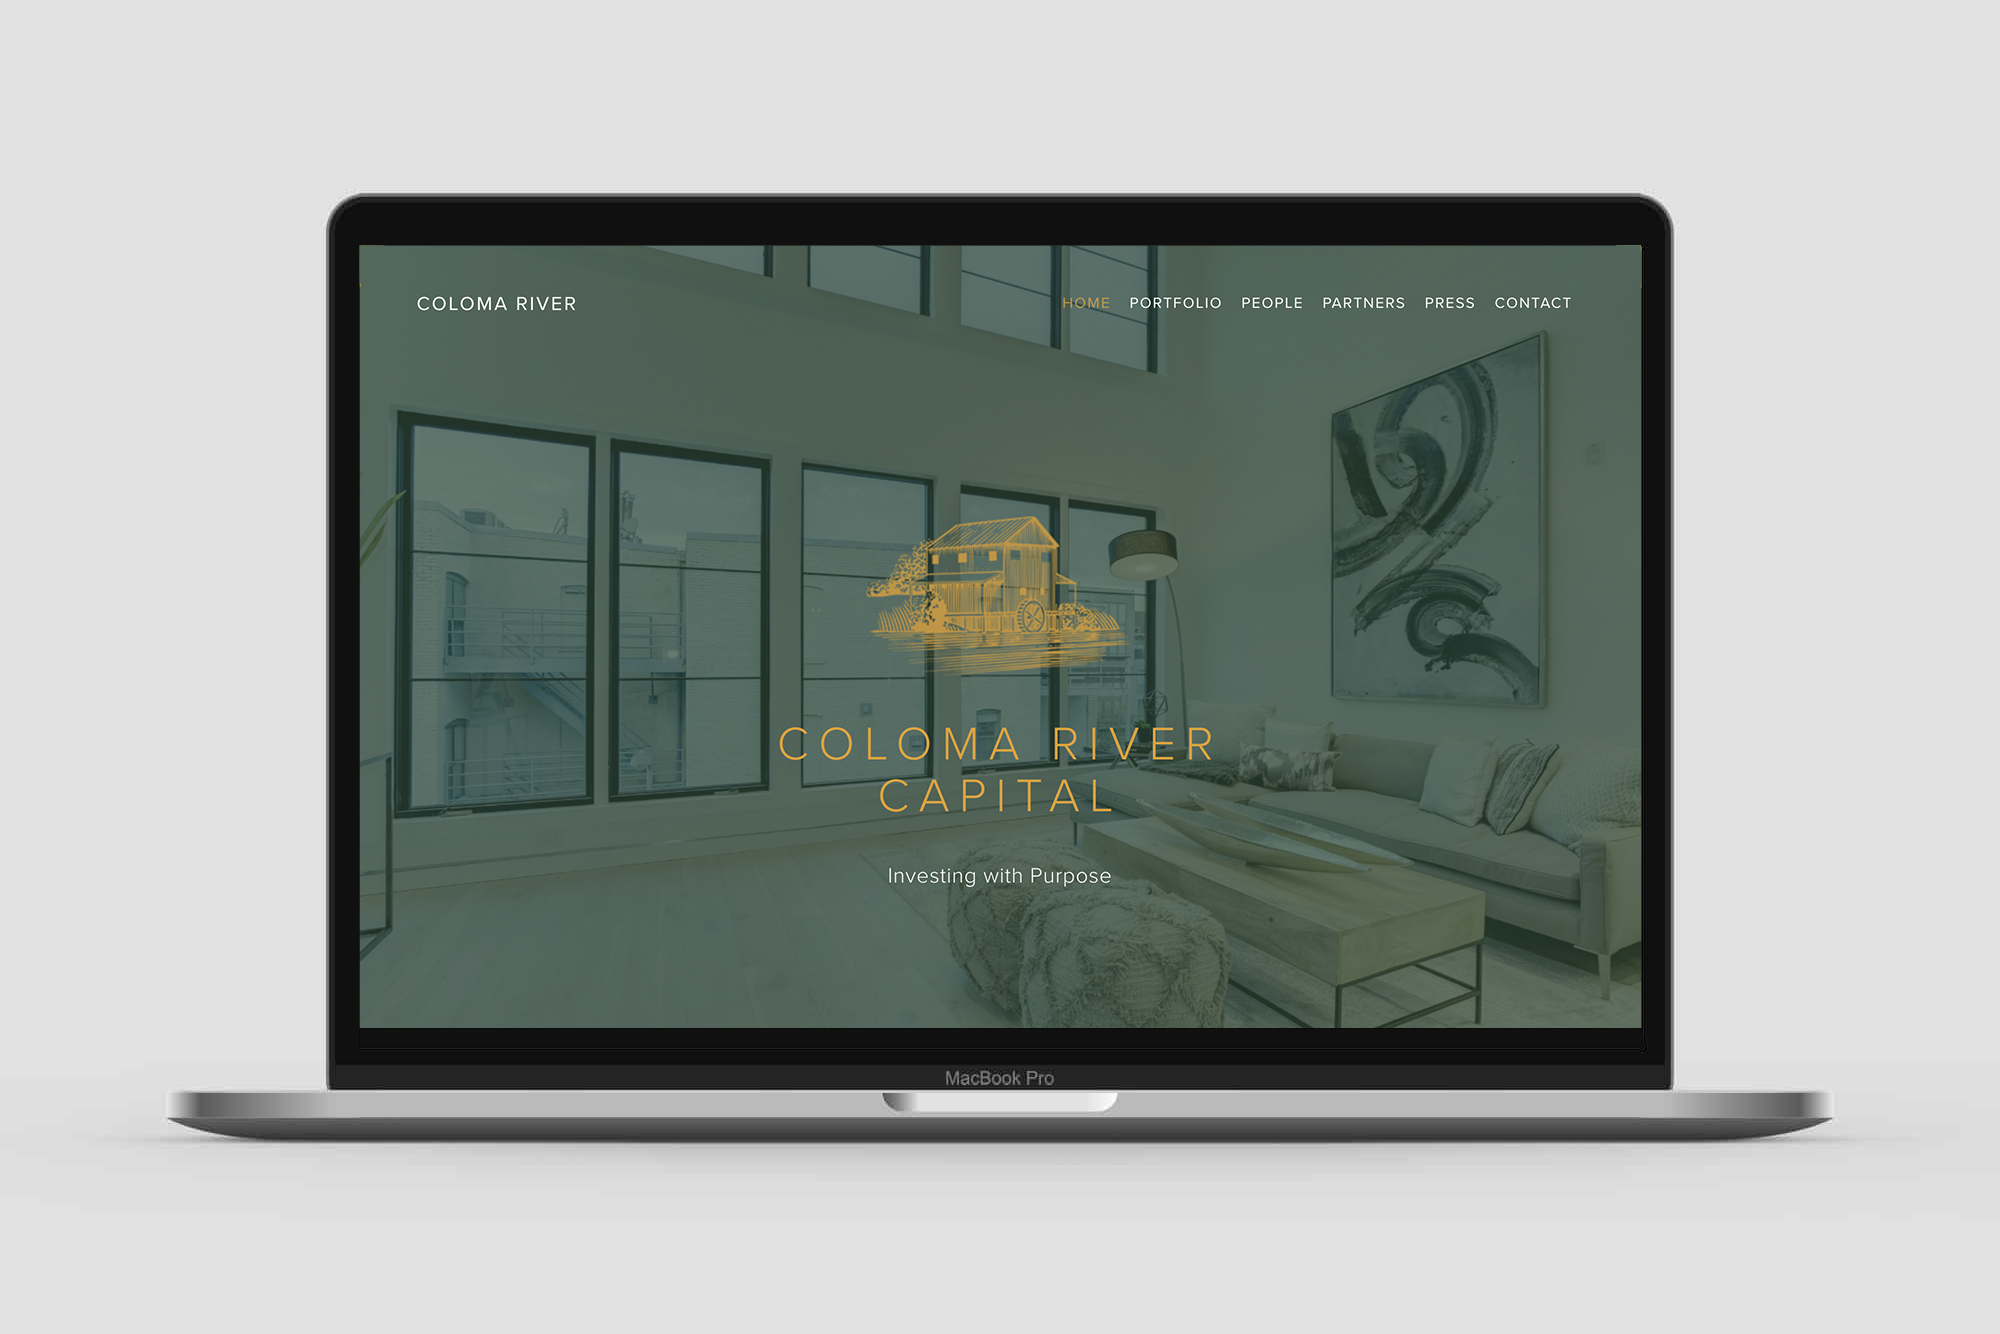 colomariver_website_2.png